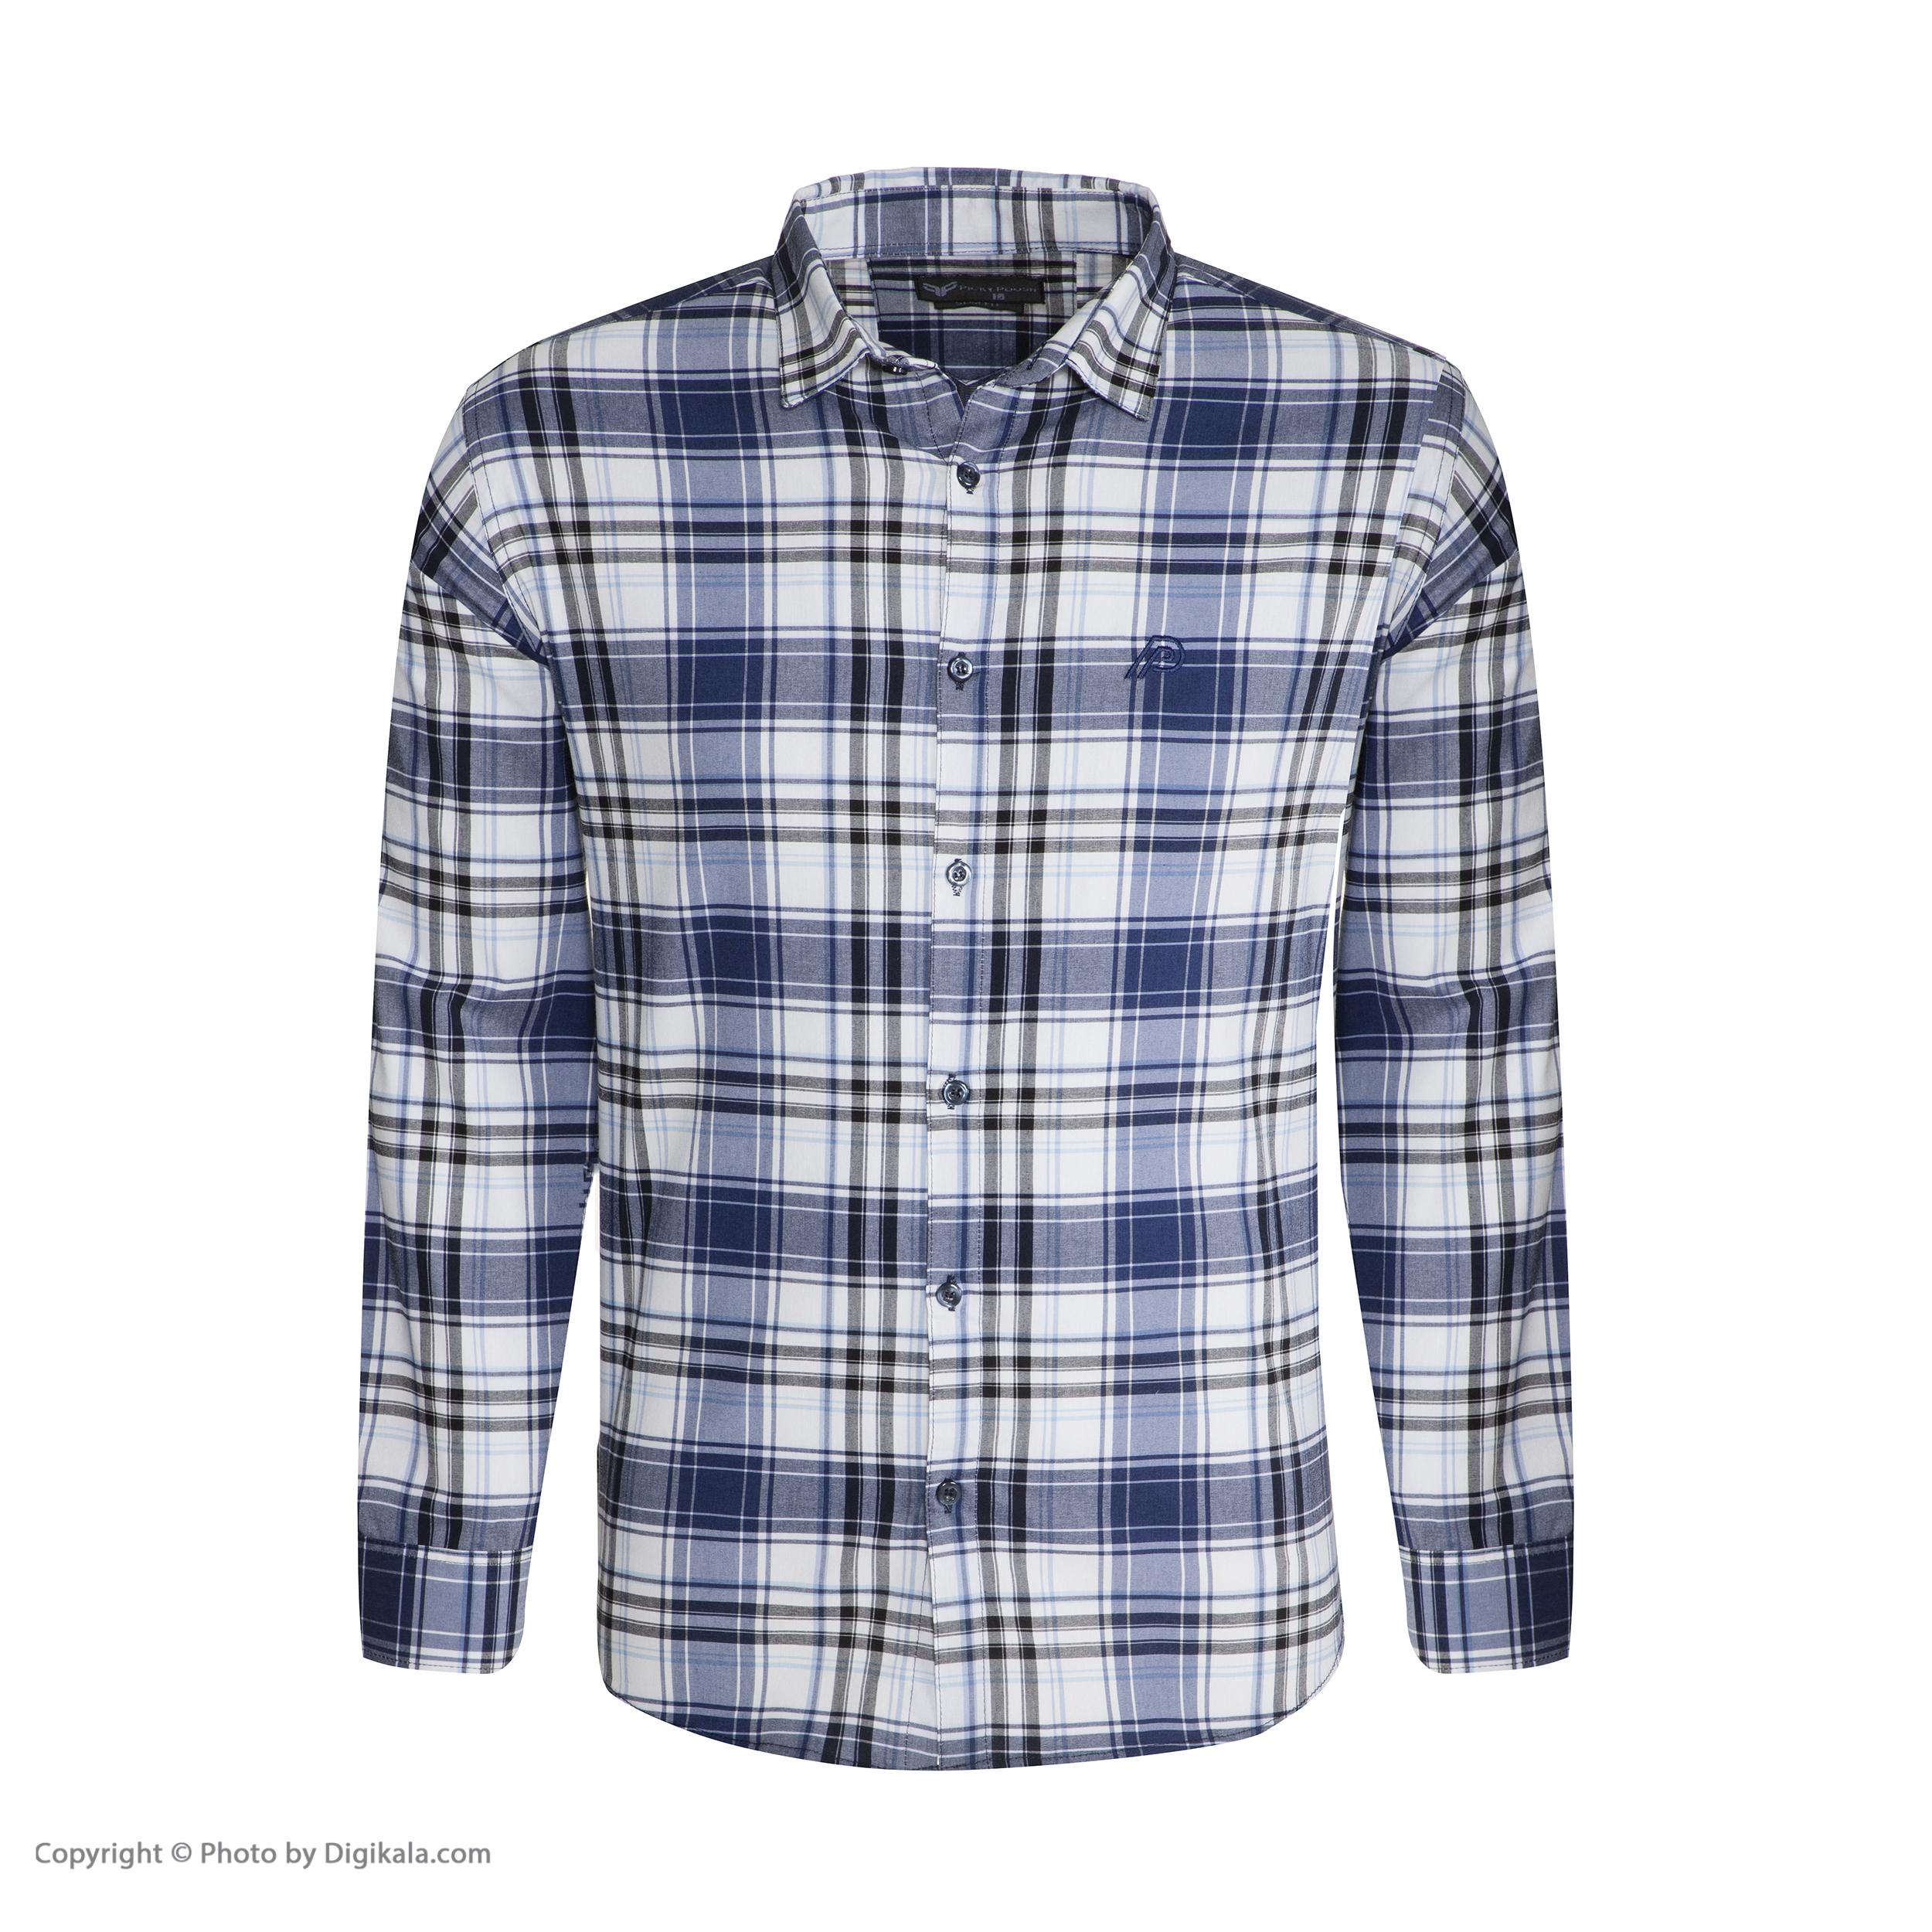 پیراهن مردانه پیکی پوش مدل M02420 main 1 3